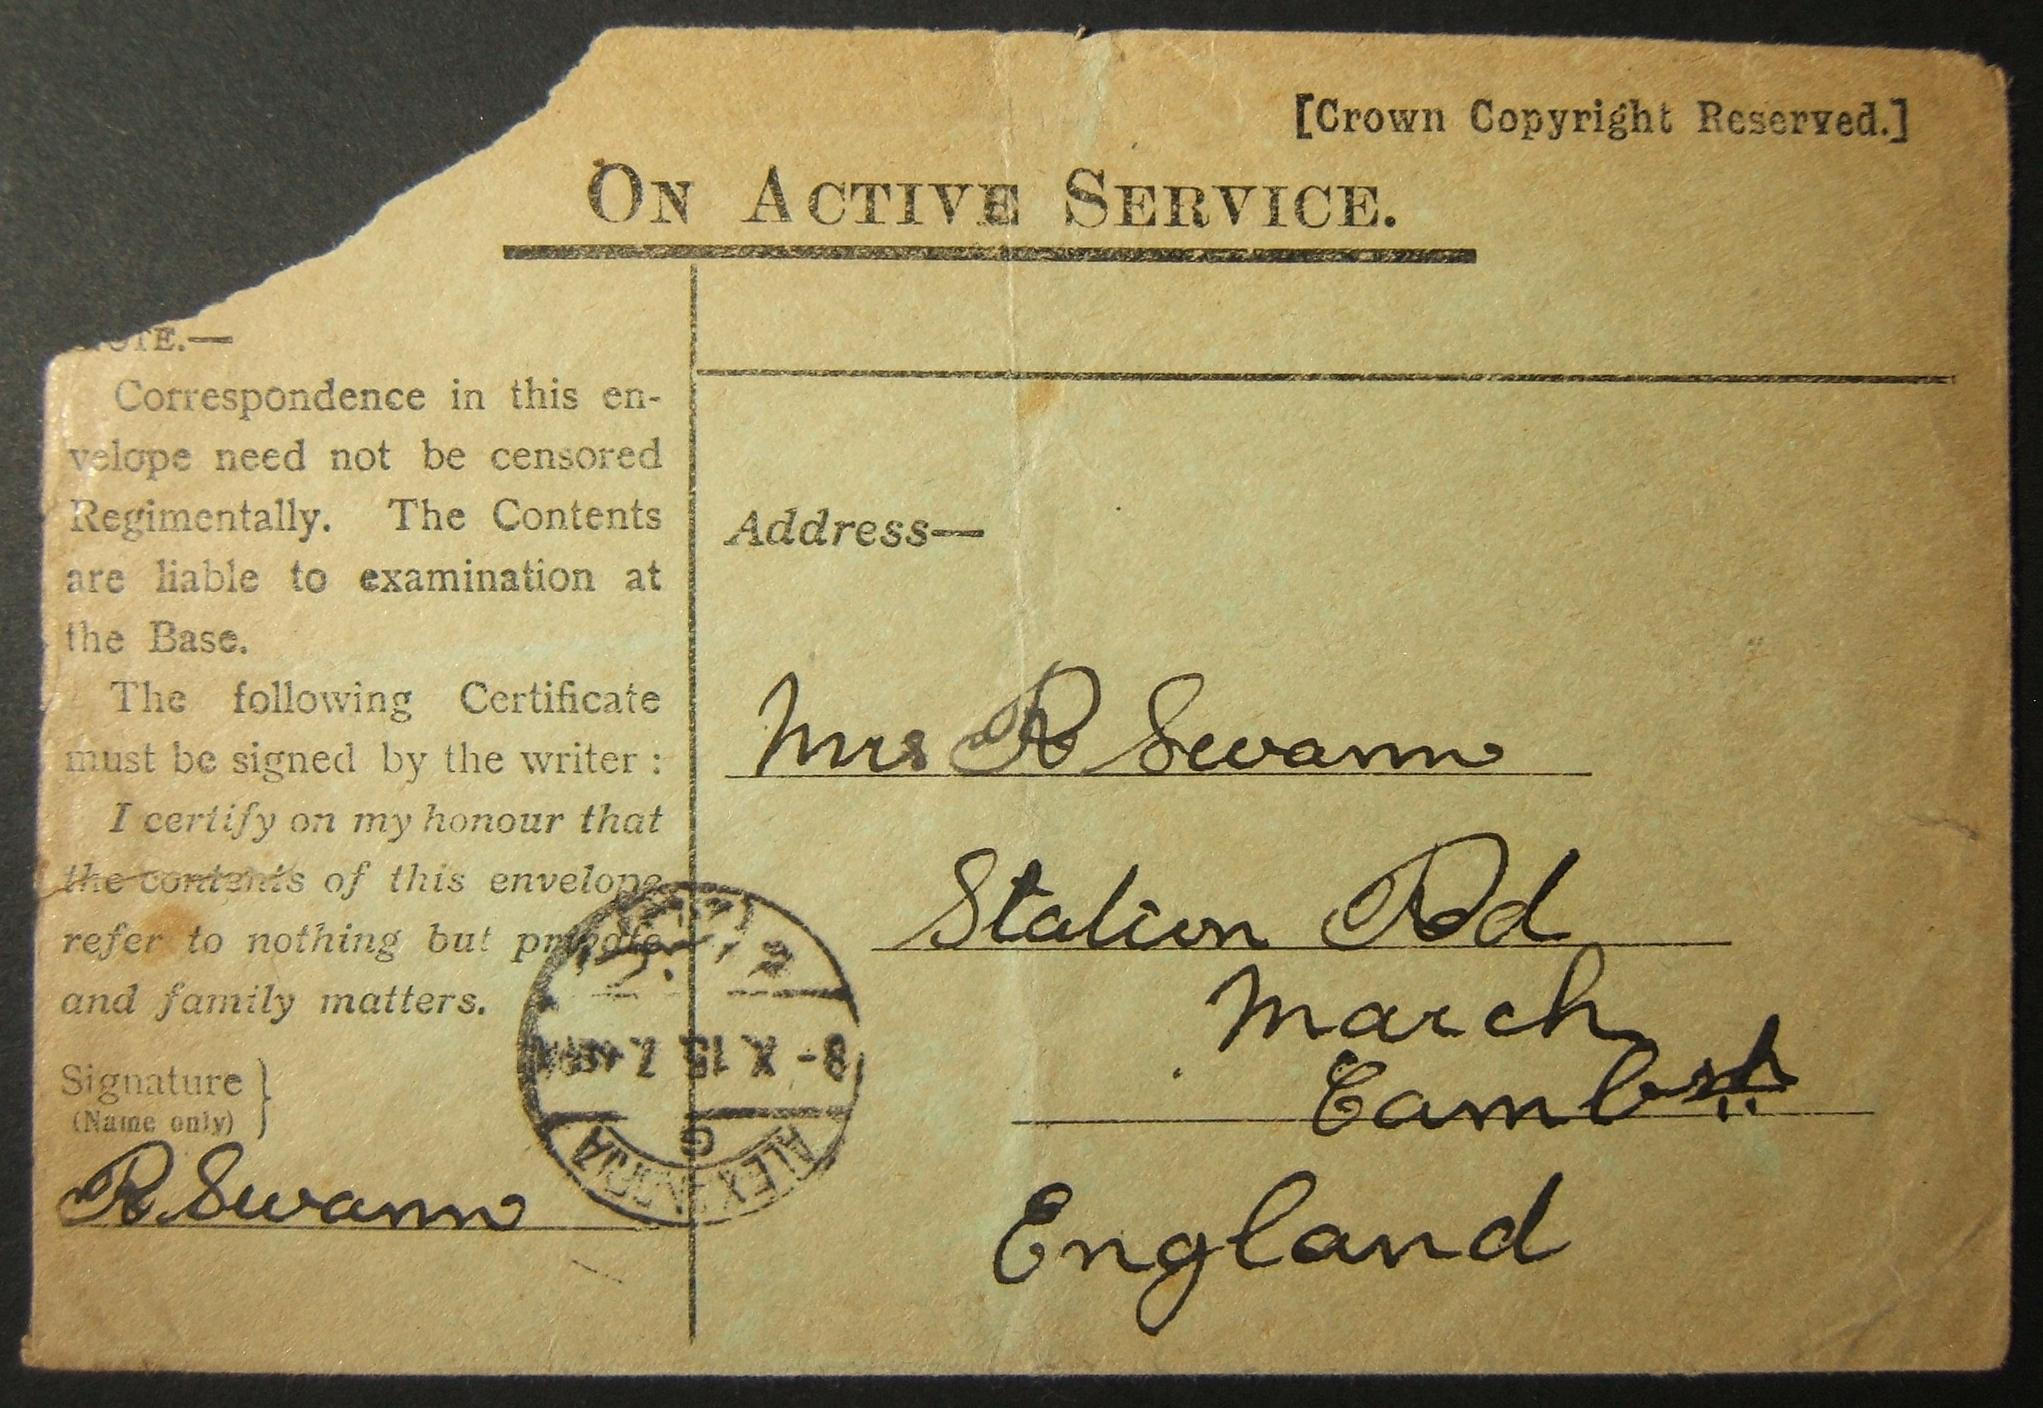 10/1915 إرسال بريد عسكري بريطاني بدون حراسة عبر البريد المصري ، مع أول بريد إلكتروني مؤرخ